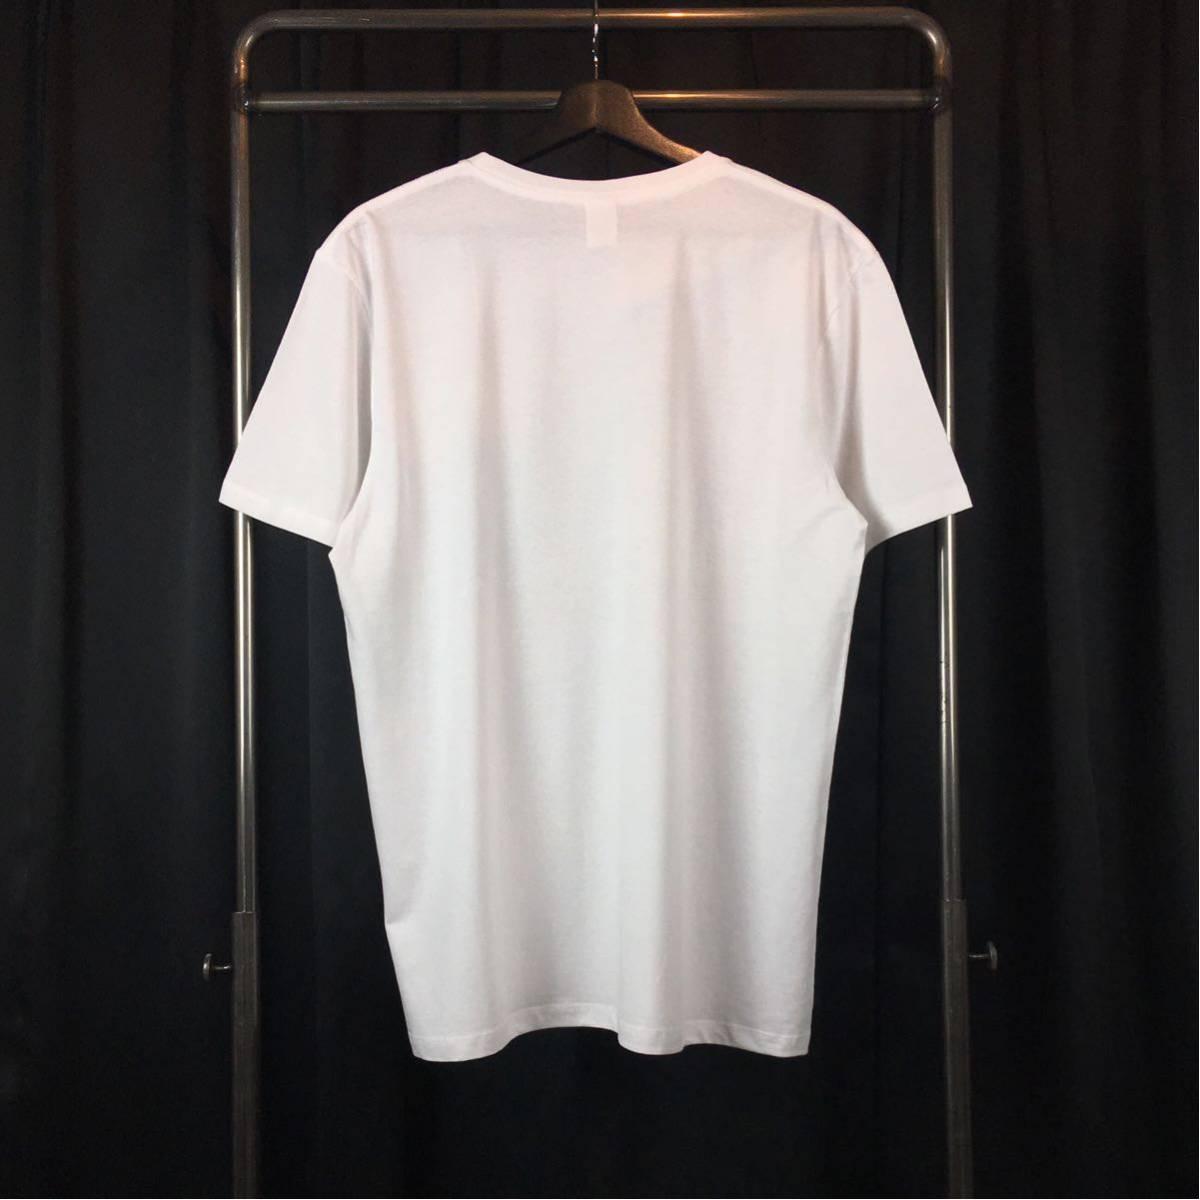 新品 マイクタイソン Tシャツ S M L XL ボクシング モハメドアリ 大きい ビッグ オーバー サイズ XXL 3XL 4XL 5XL ロンT 長袖 黒 対応 可能_画像5